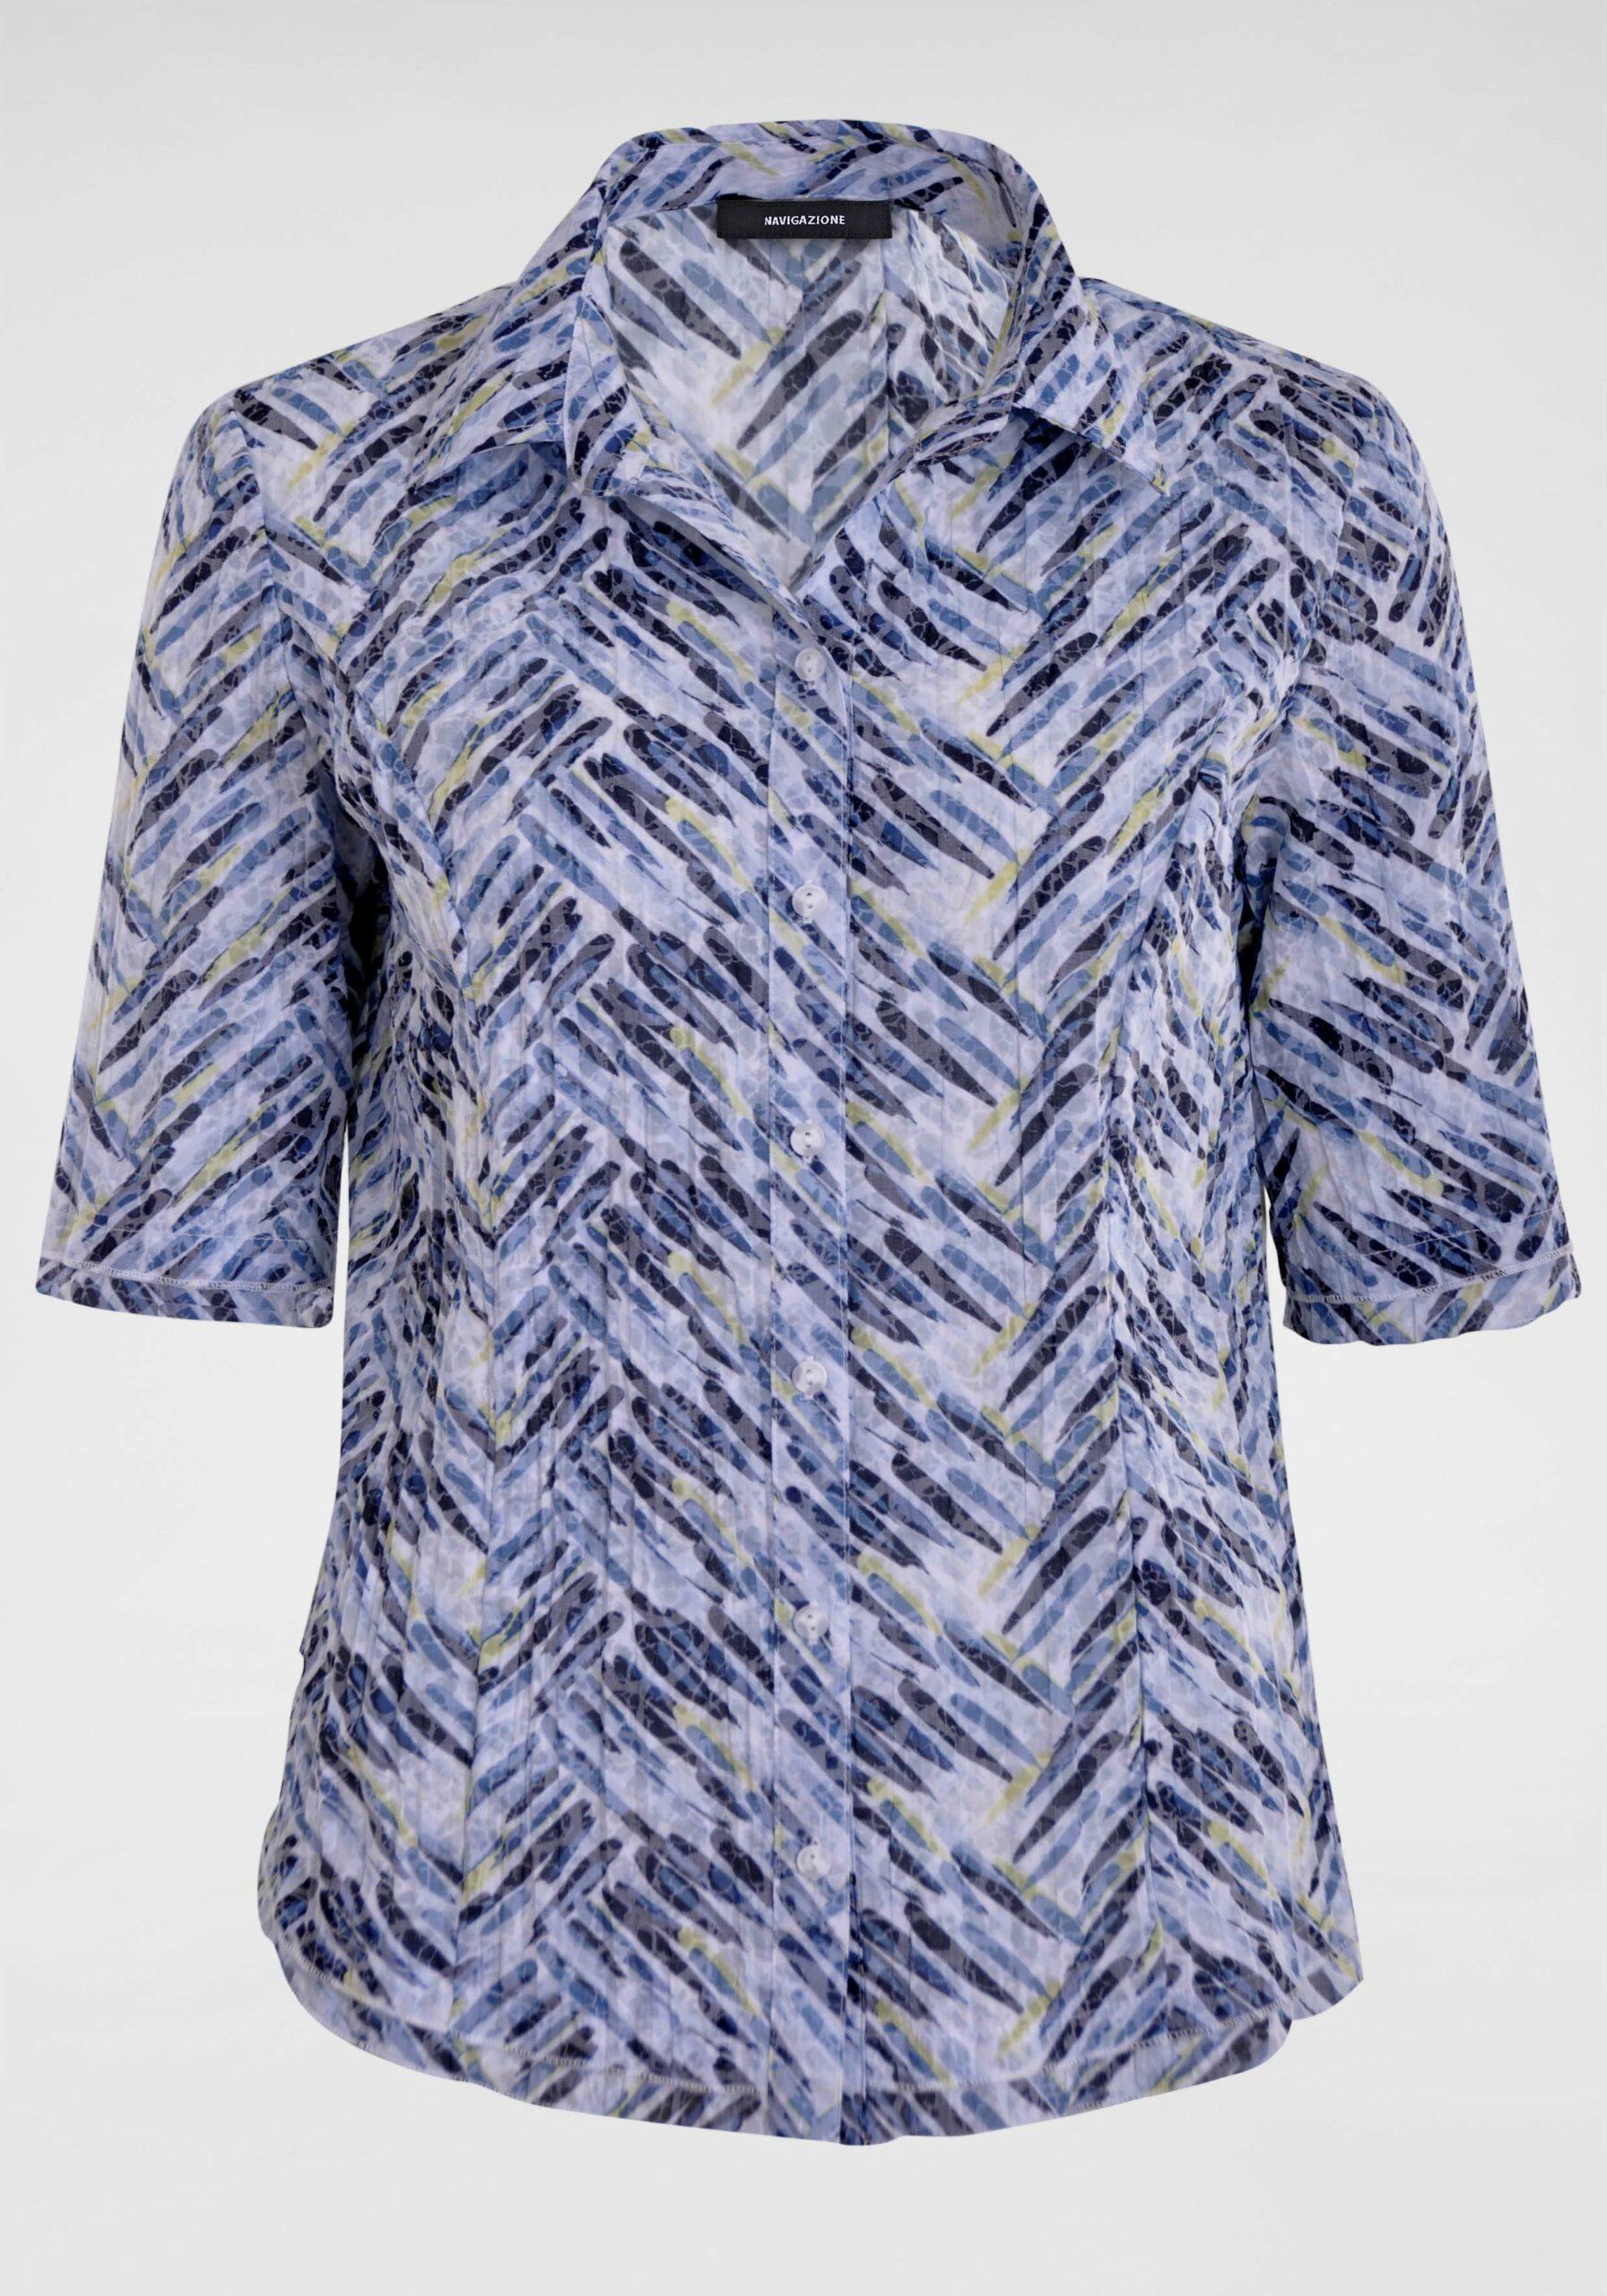 Damen Bluse in frischen Farben blau gelb